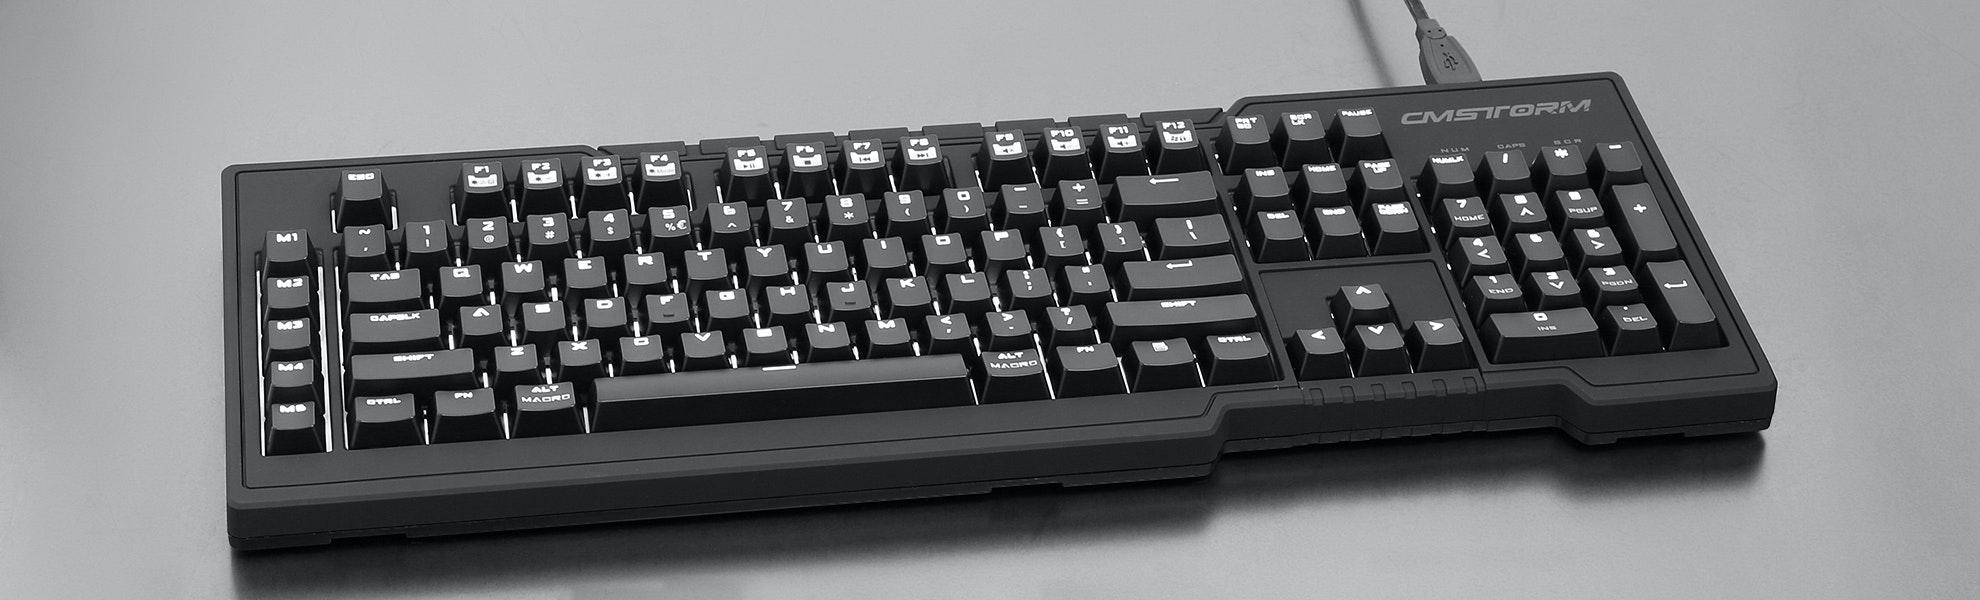 Cooler Master Trigger Z Keyboard